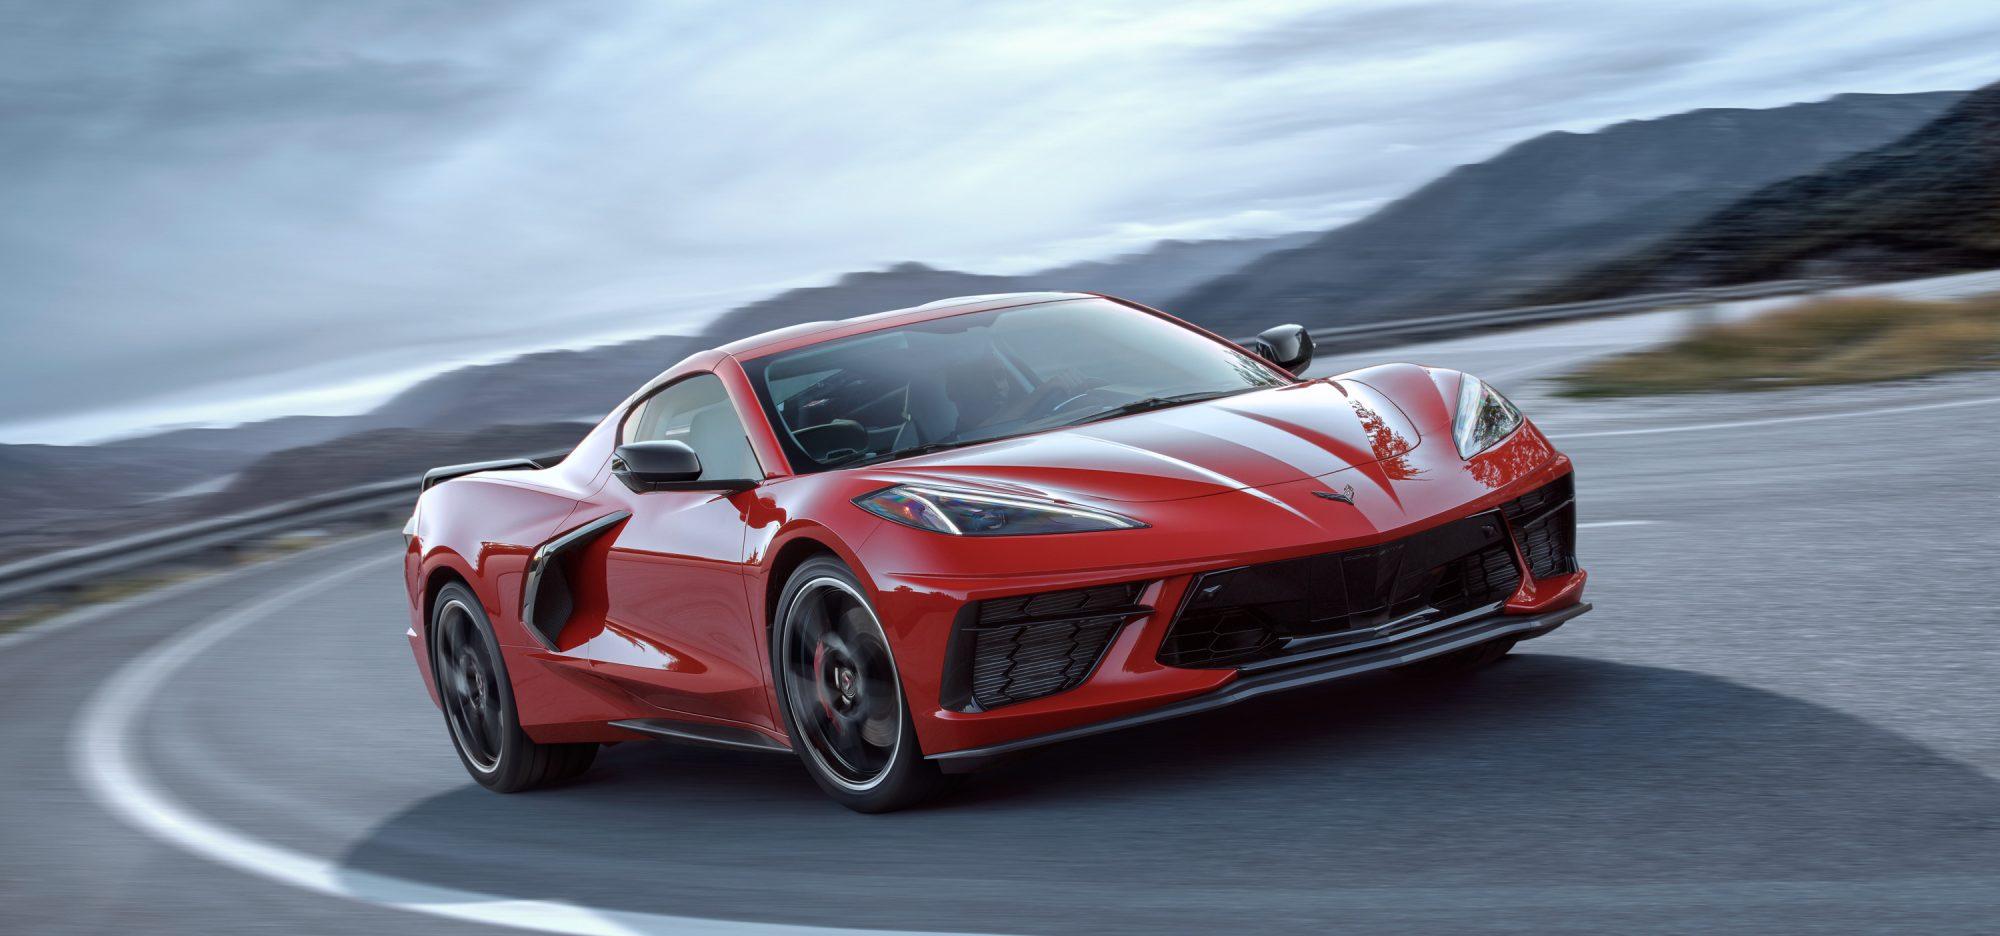 Chevrolet-Media-Chevrolet-Corvette-C8-28-2000x936